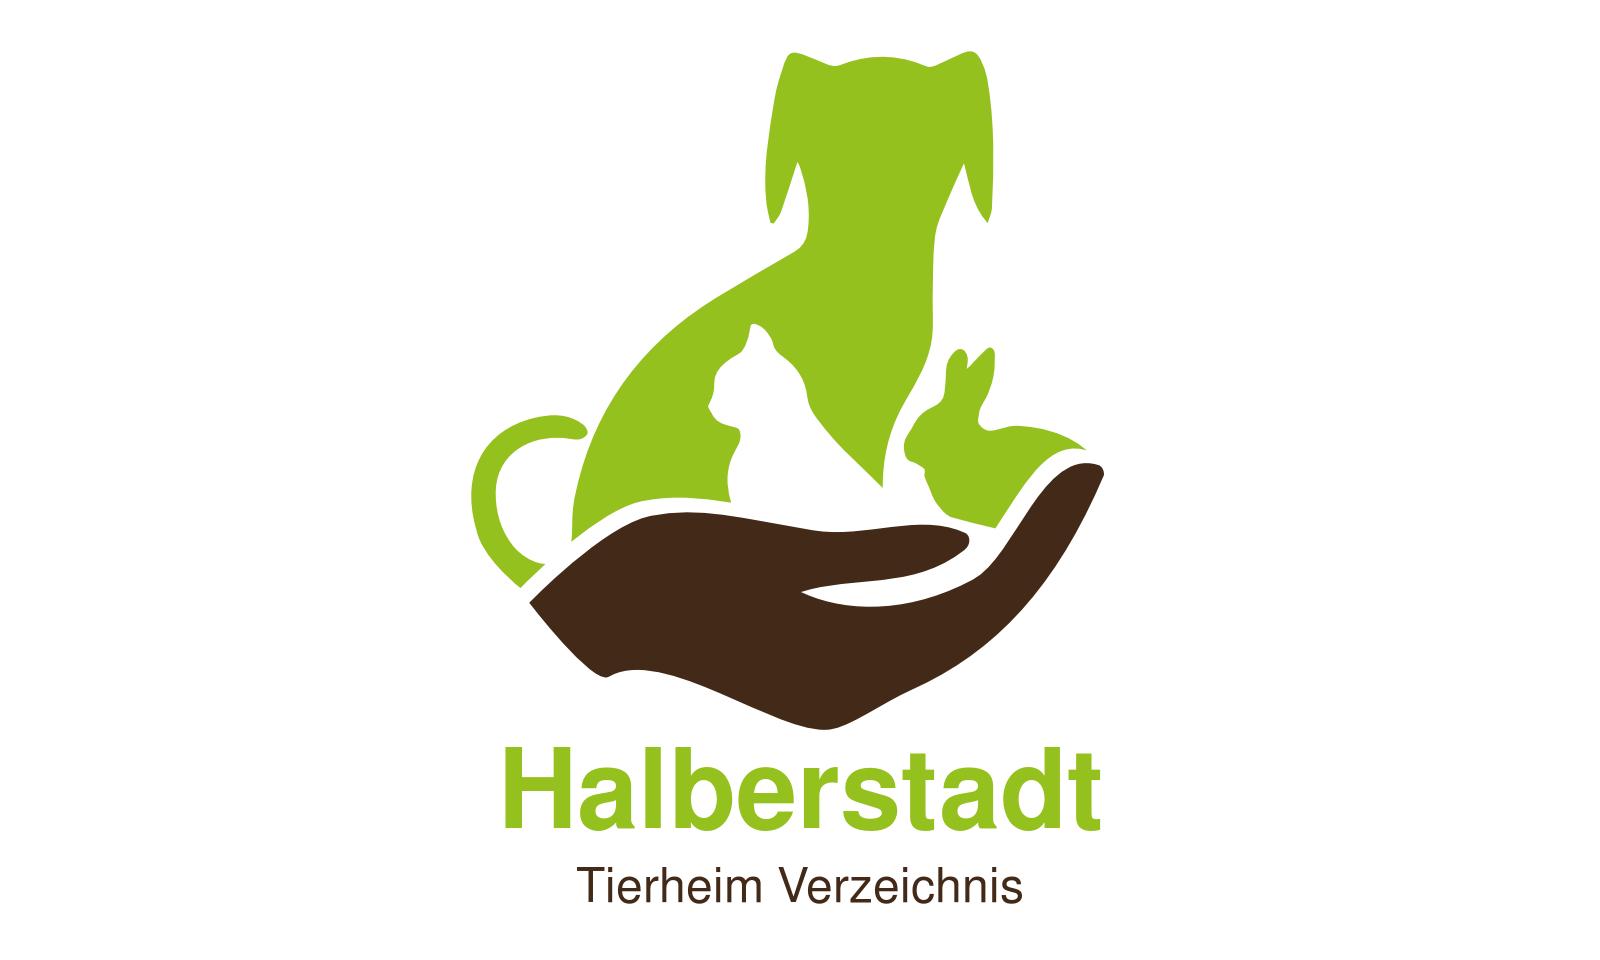 Tierheim Halberstadt